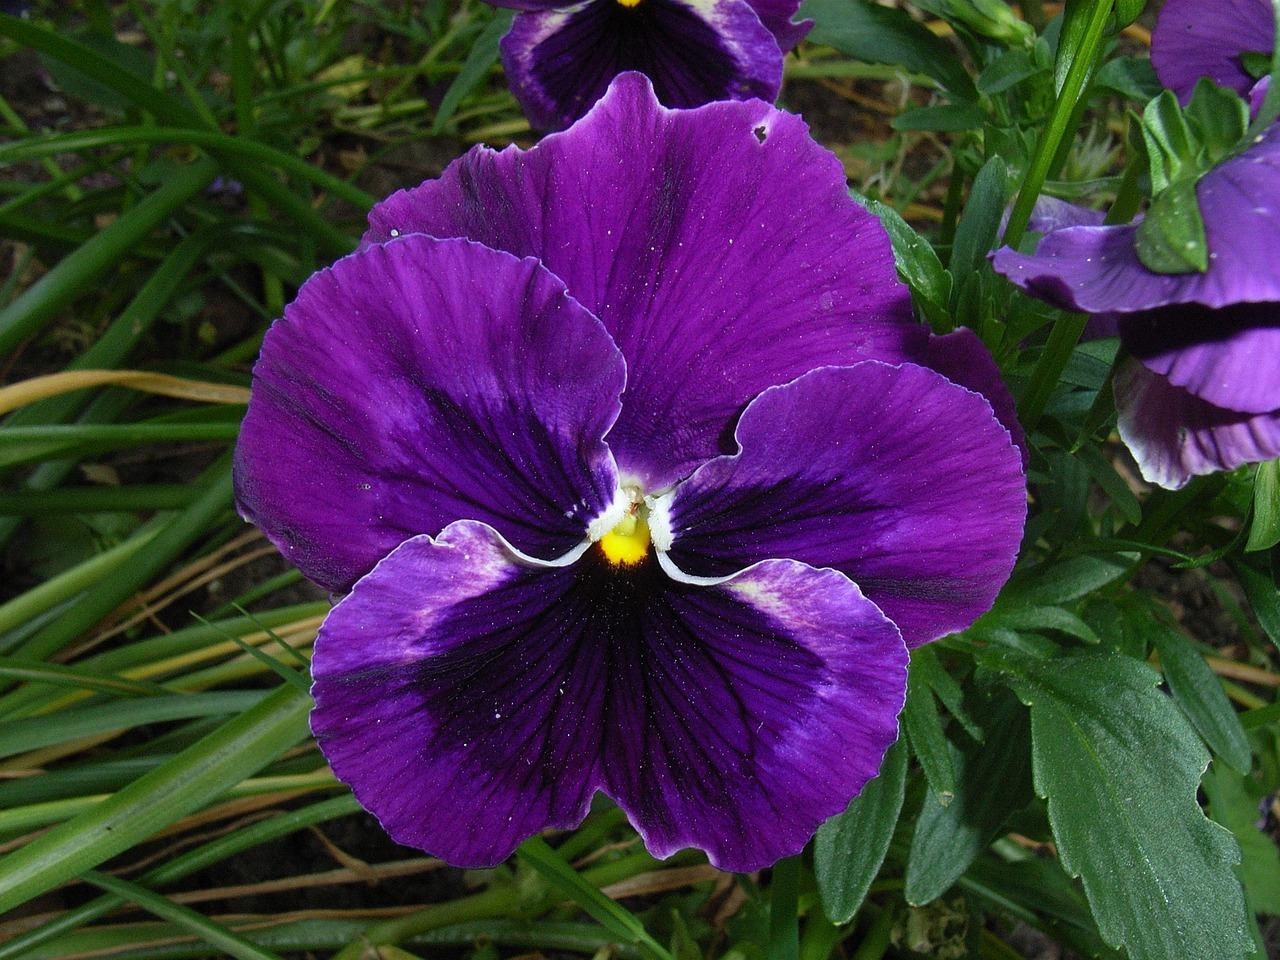 салона фиолетовые анютины глазки фото лучше